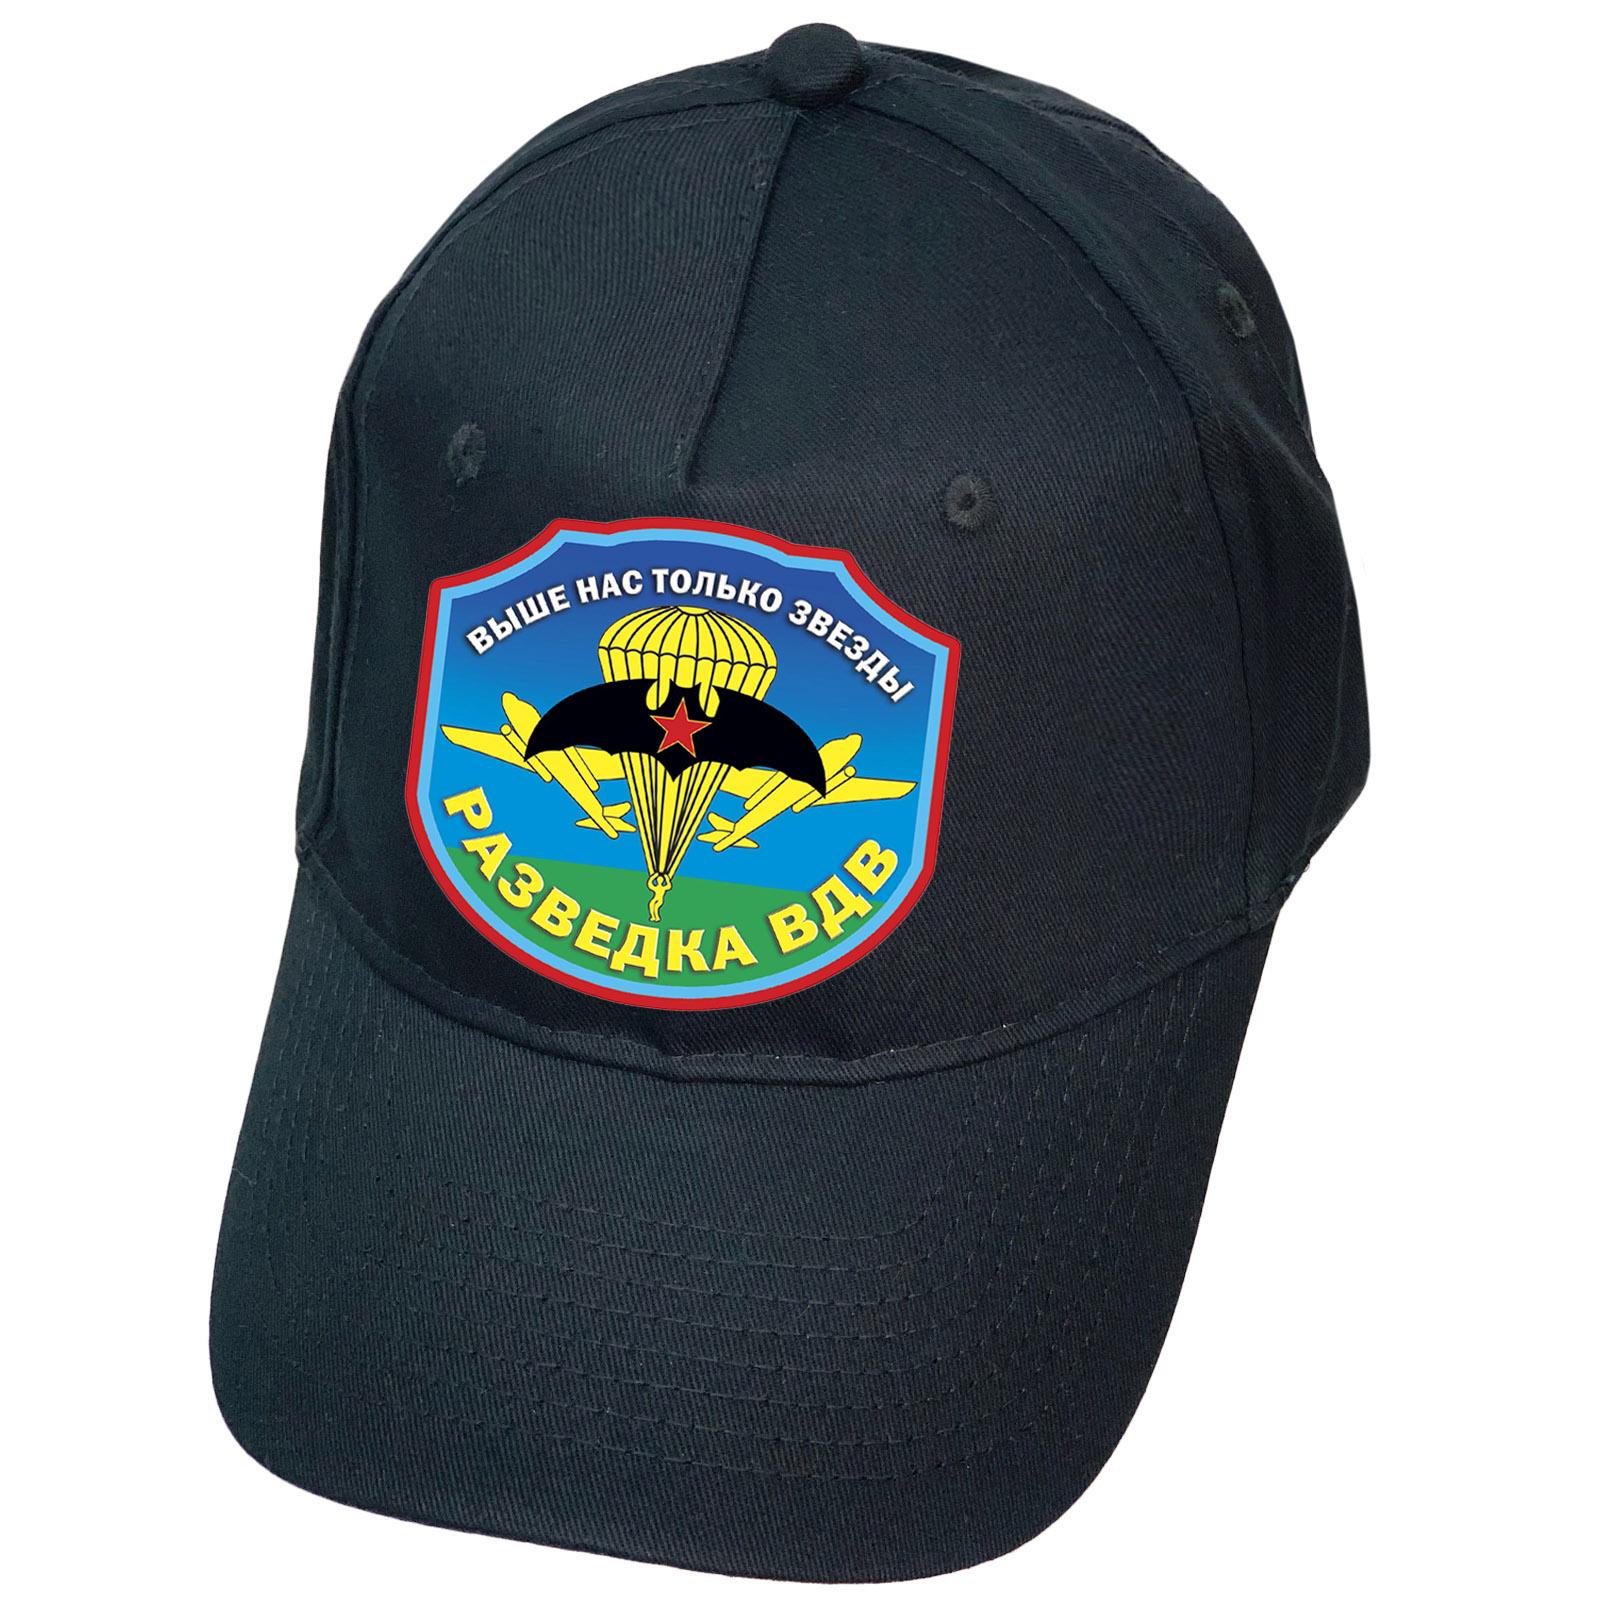 Тёмно-синяя кепка с термопереводкой Разведка ВДВ